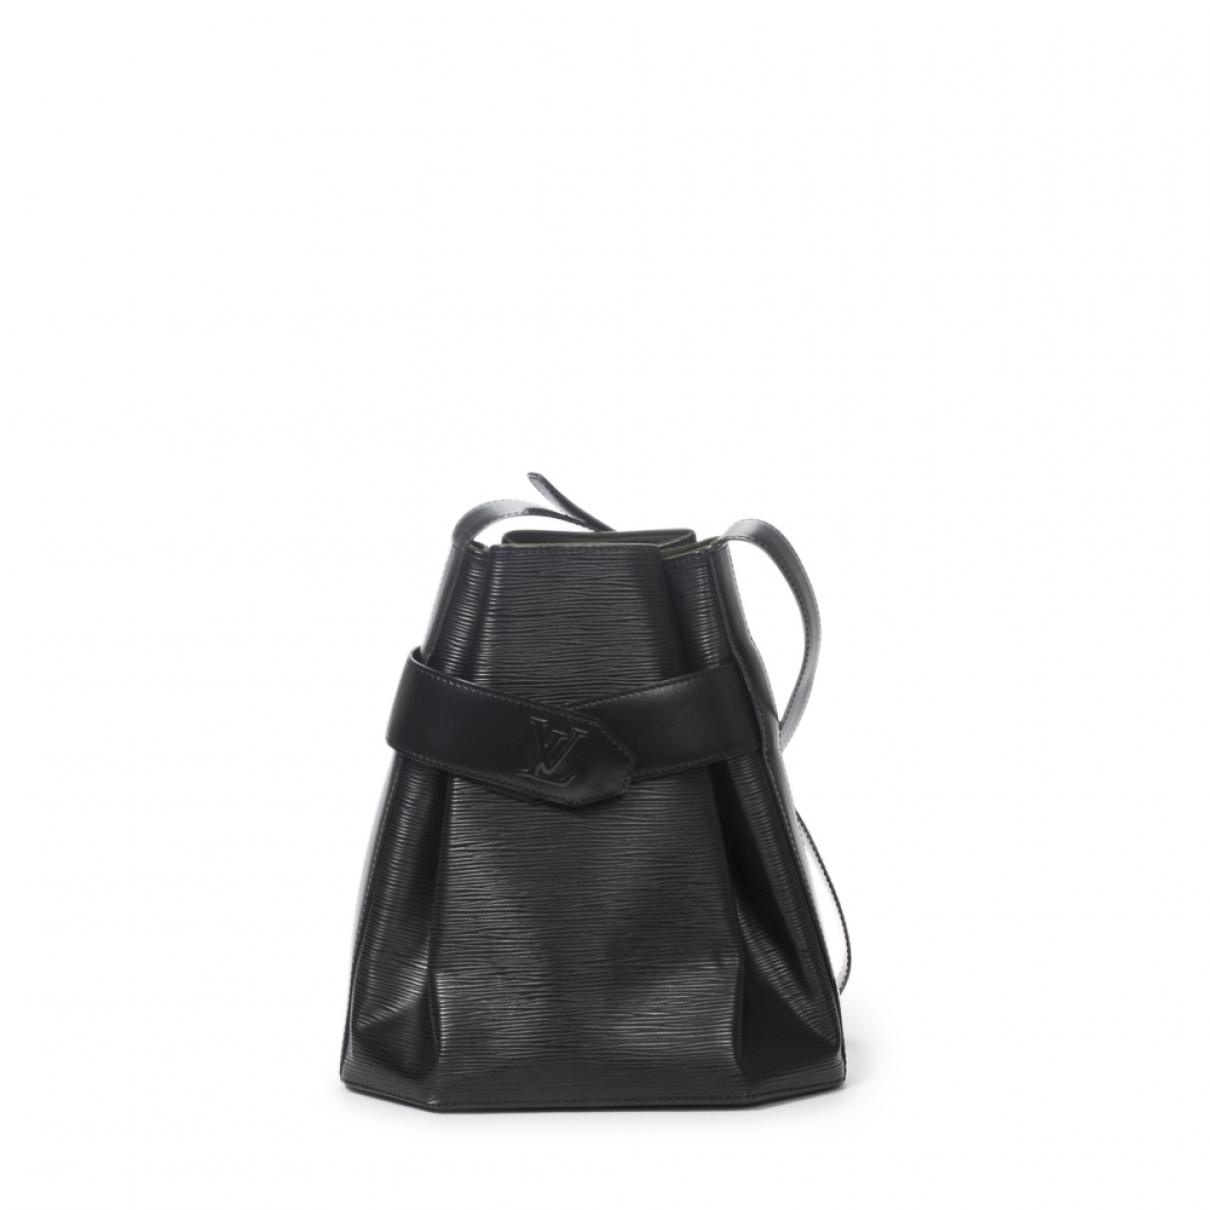 Louis Vuitton Sac depaule Handtasche in  Schwarz Leder